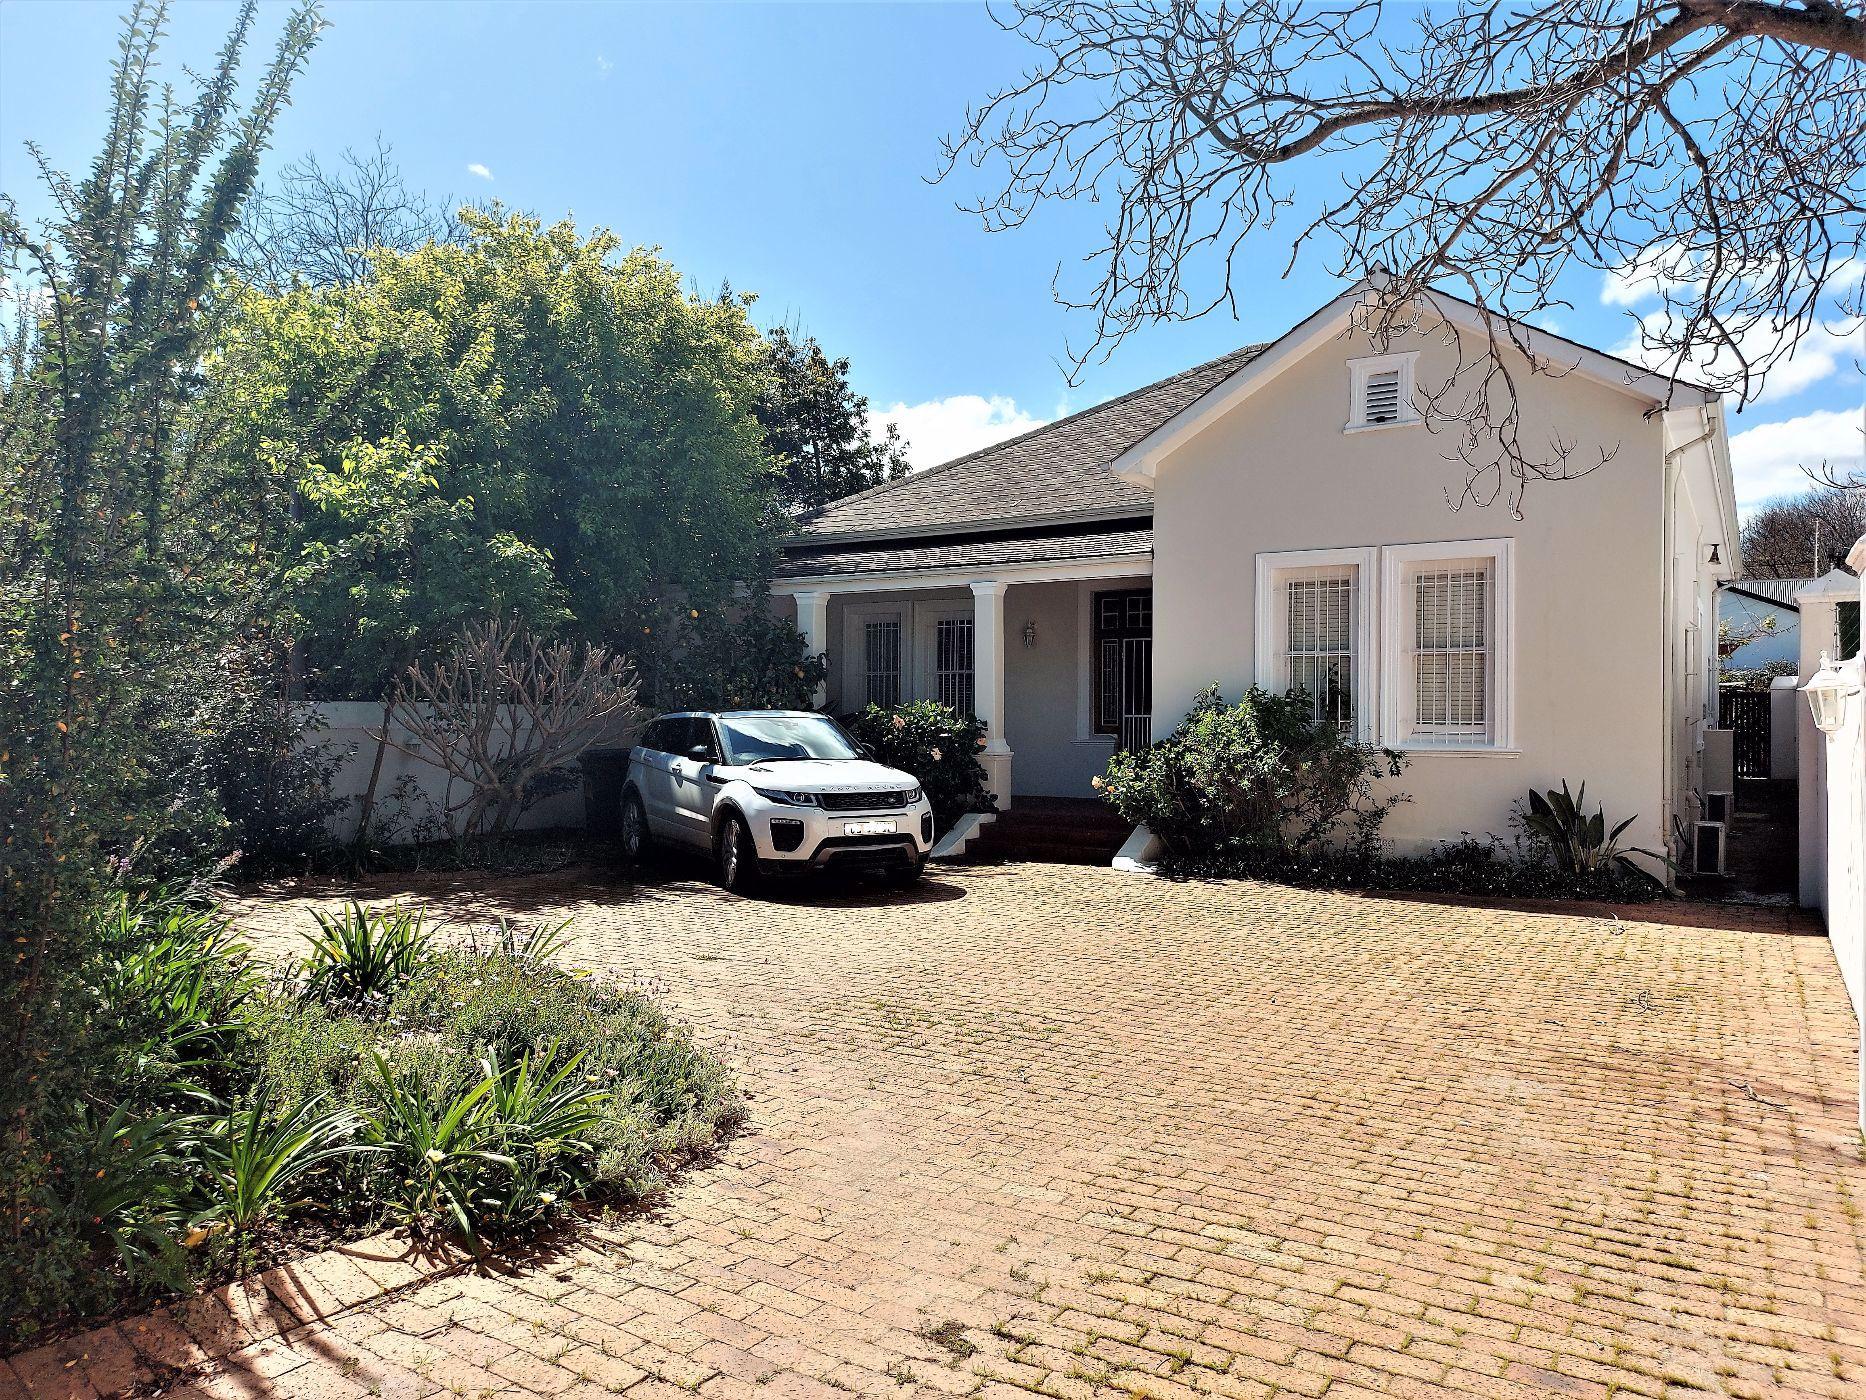 3 bedroom house to rent in Stellenbosch